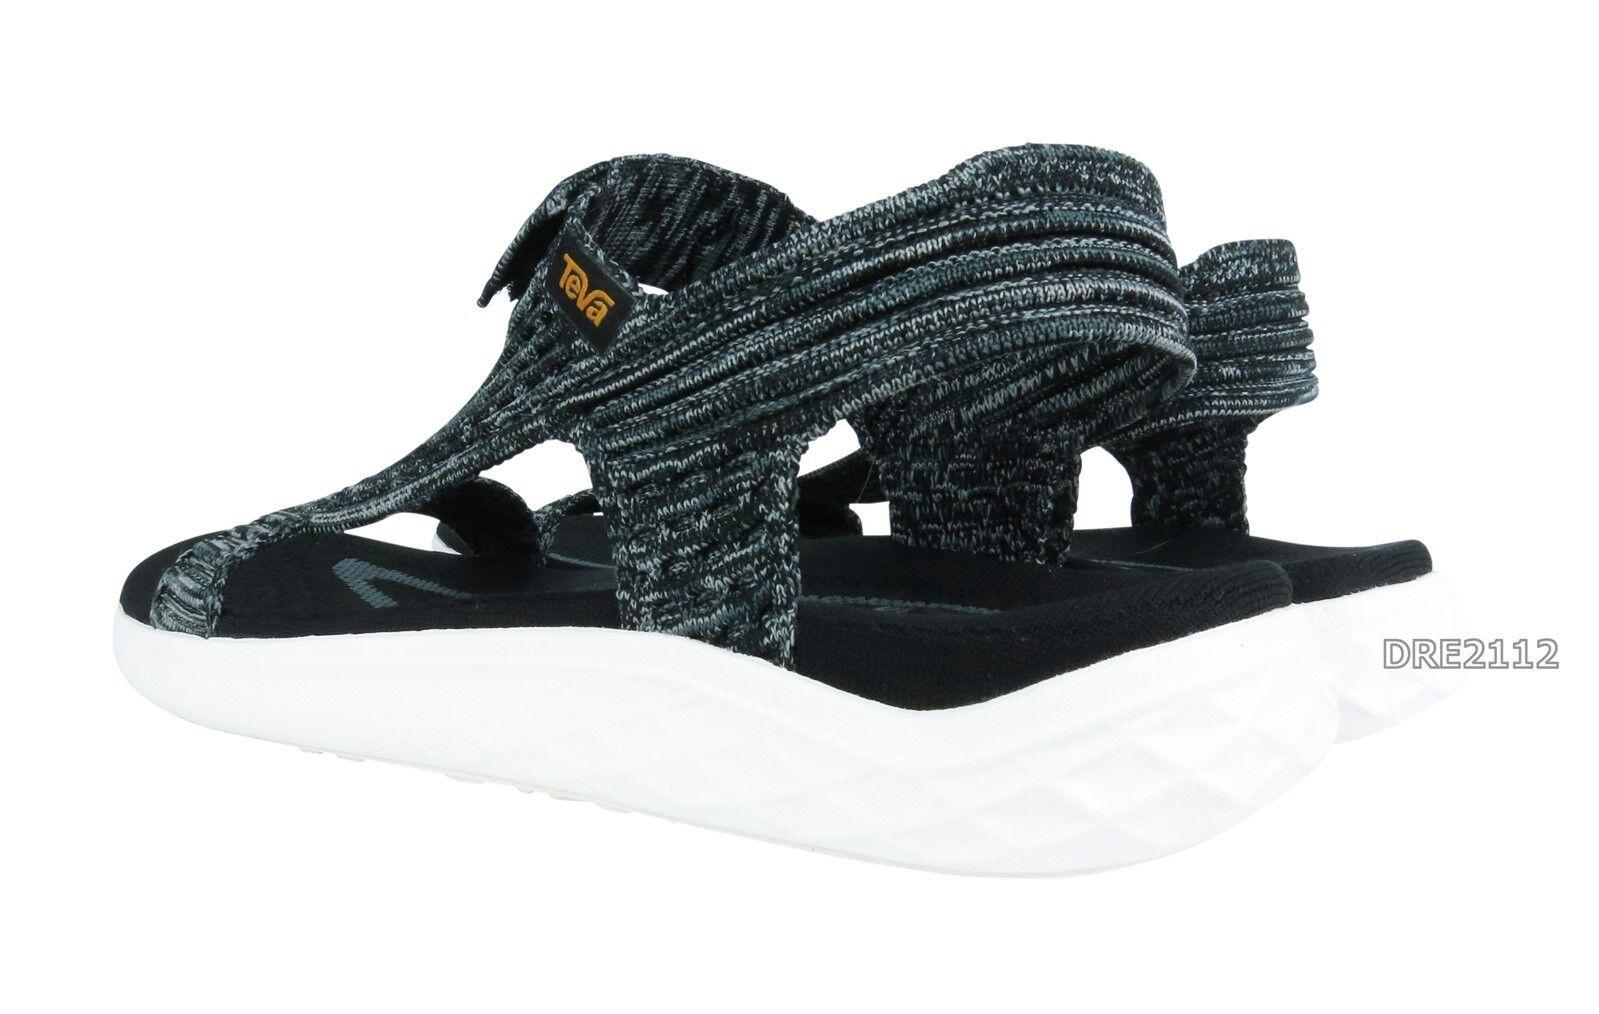 58b84f2bc7a1 ... Teva Terra Float Knit 2 2 2 Universal Black Sandals Mens Size 12  NIB